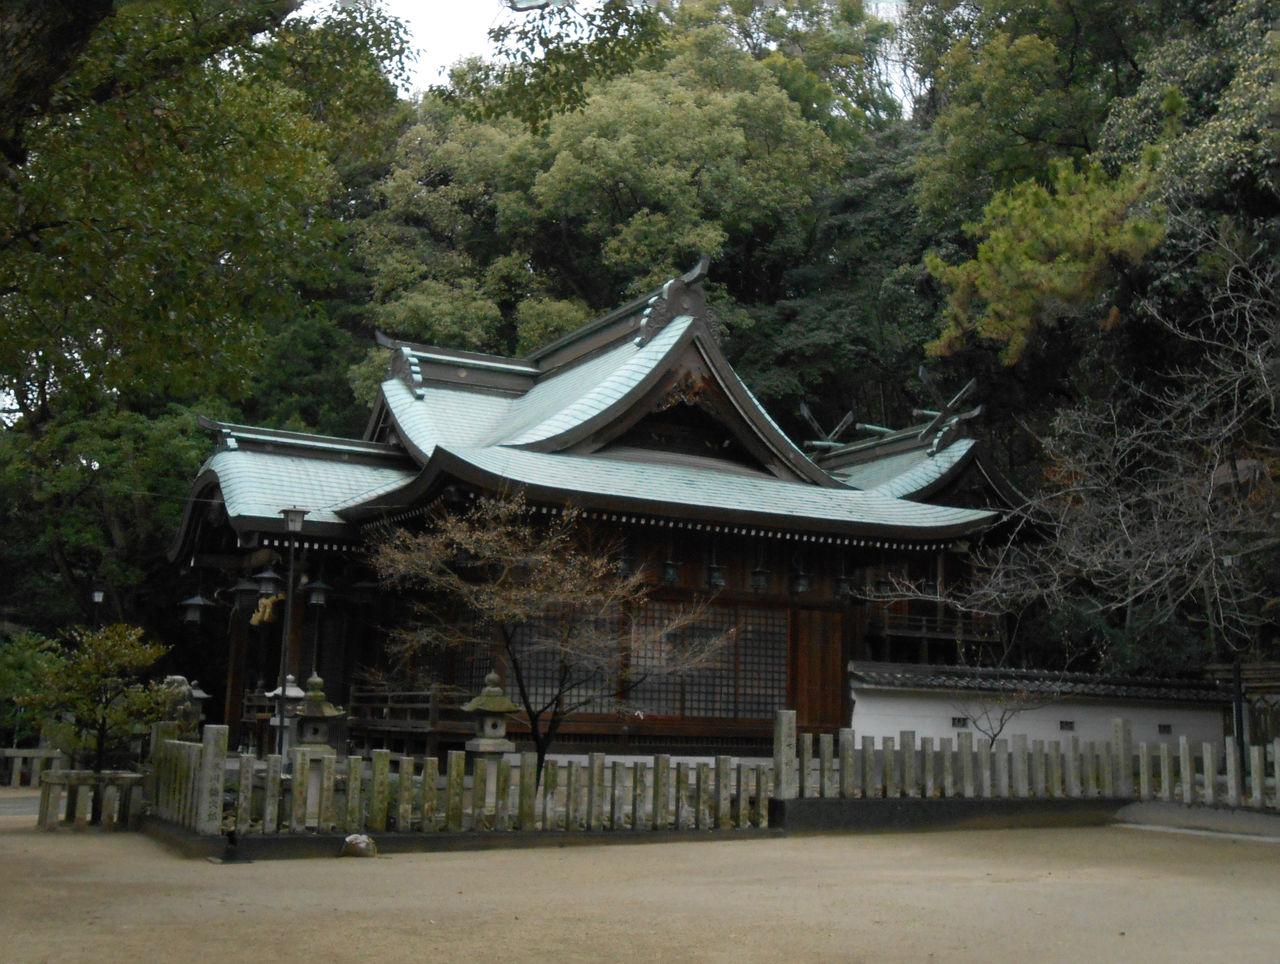 ねもの神社紀行録☆ : 垂水神社